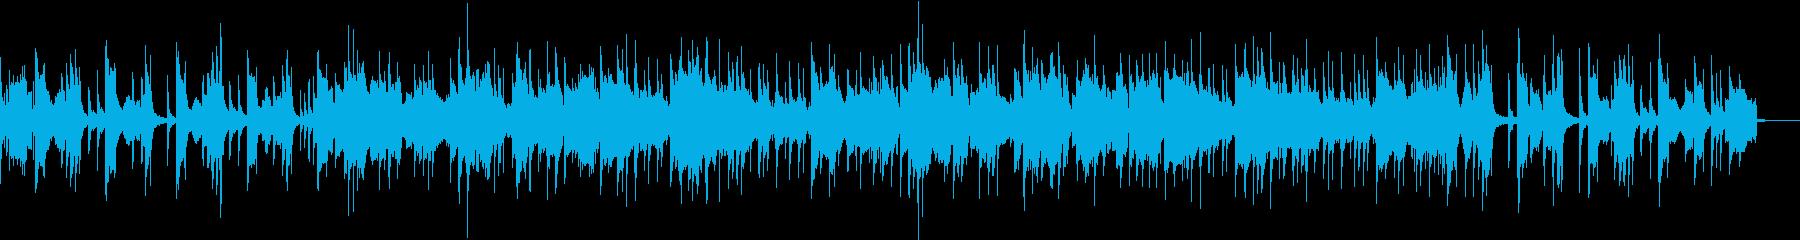 エキゾチックポップスの再生済みの波形